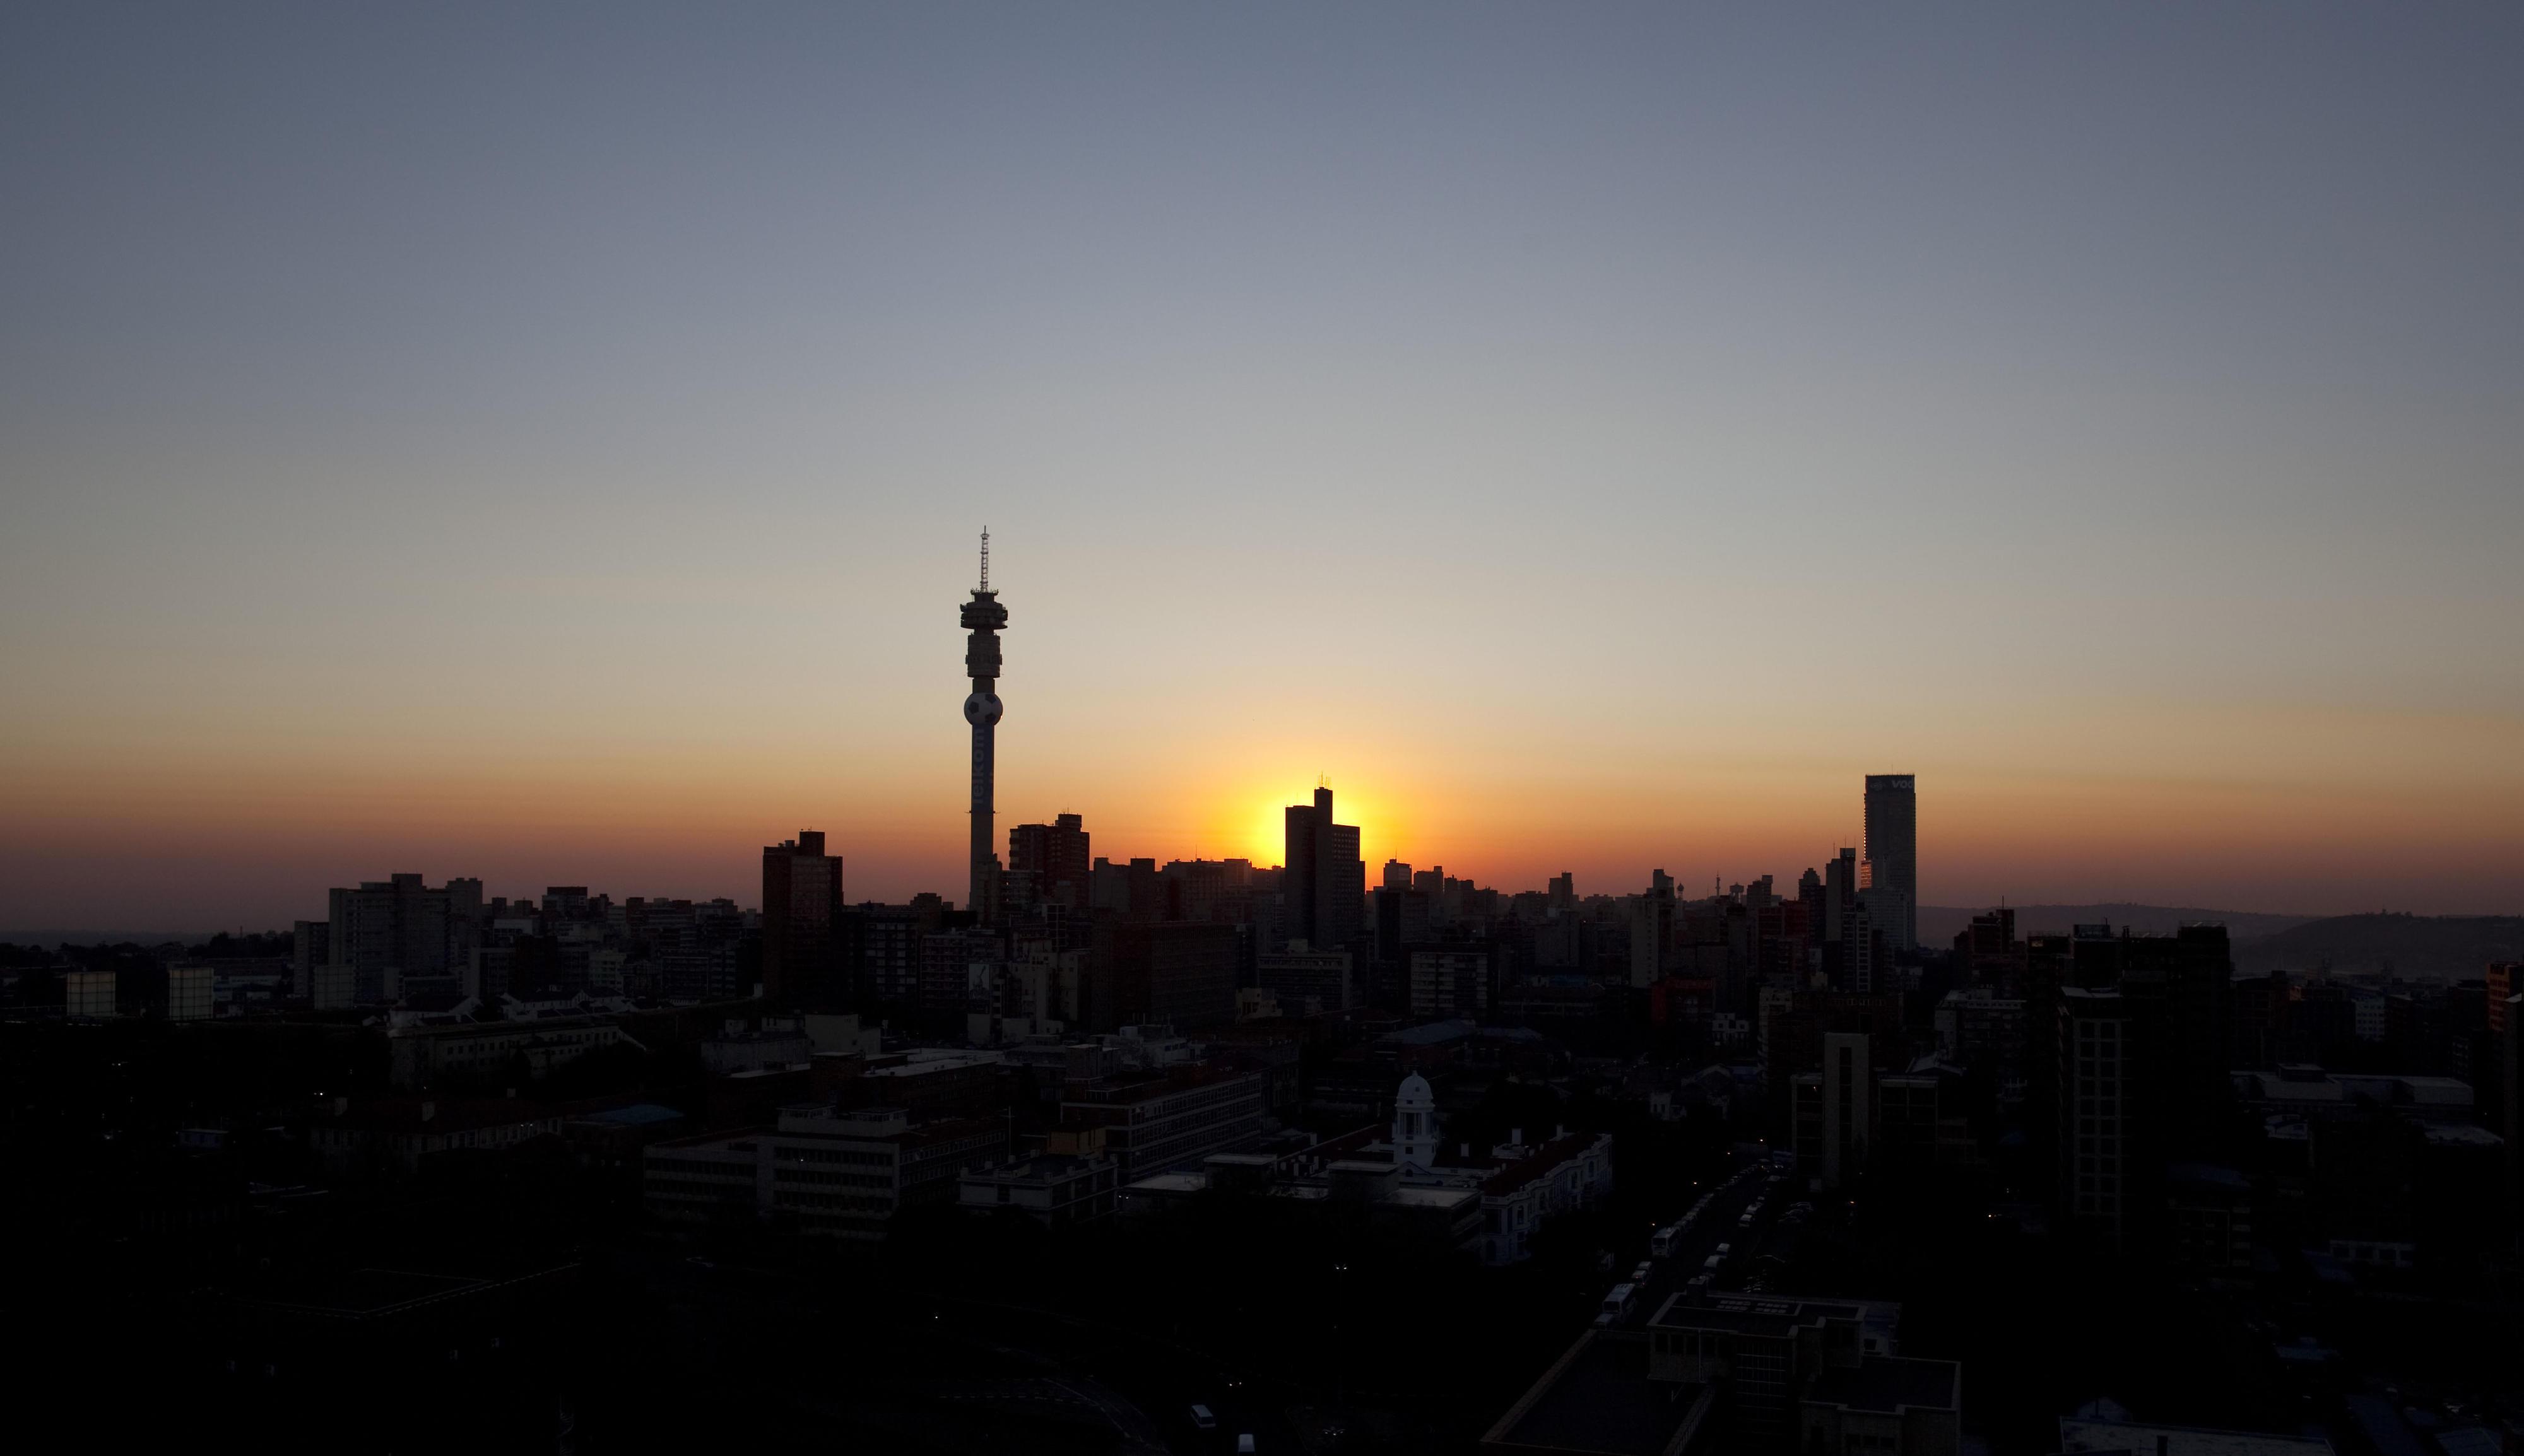 Sonnenaufgang in Johannesburg